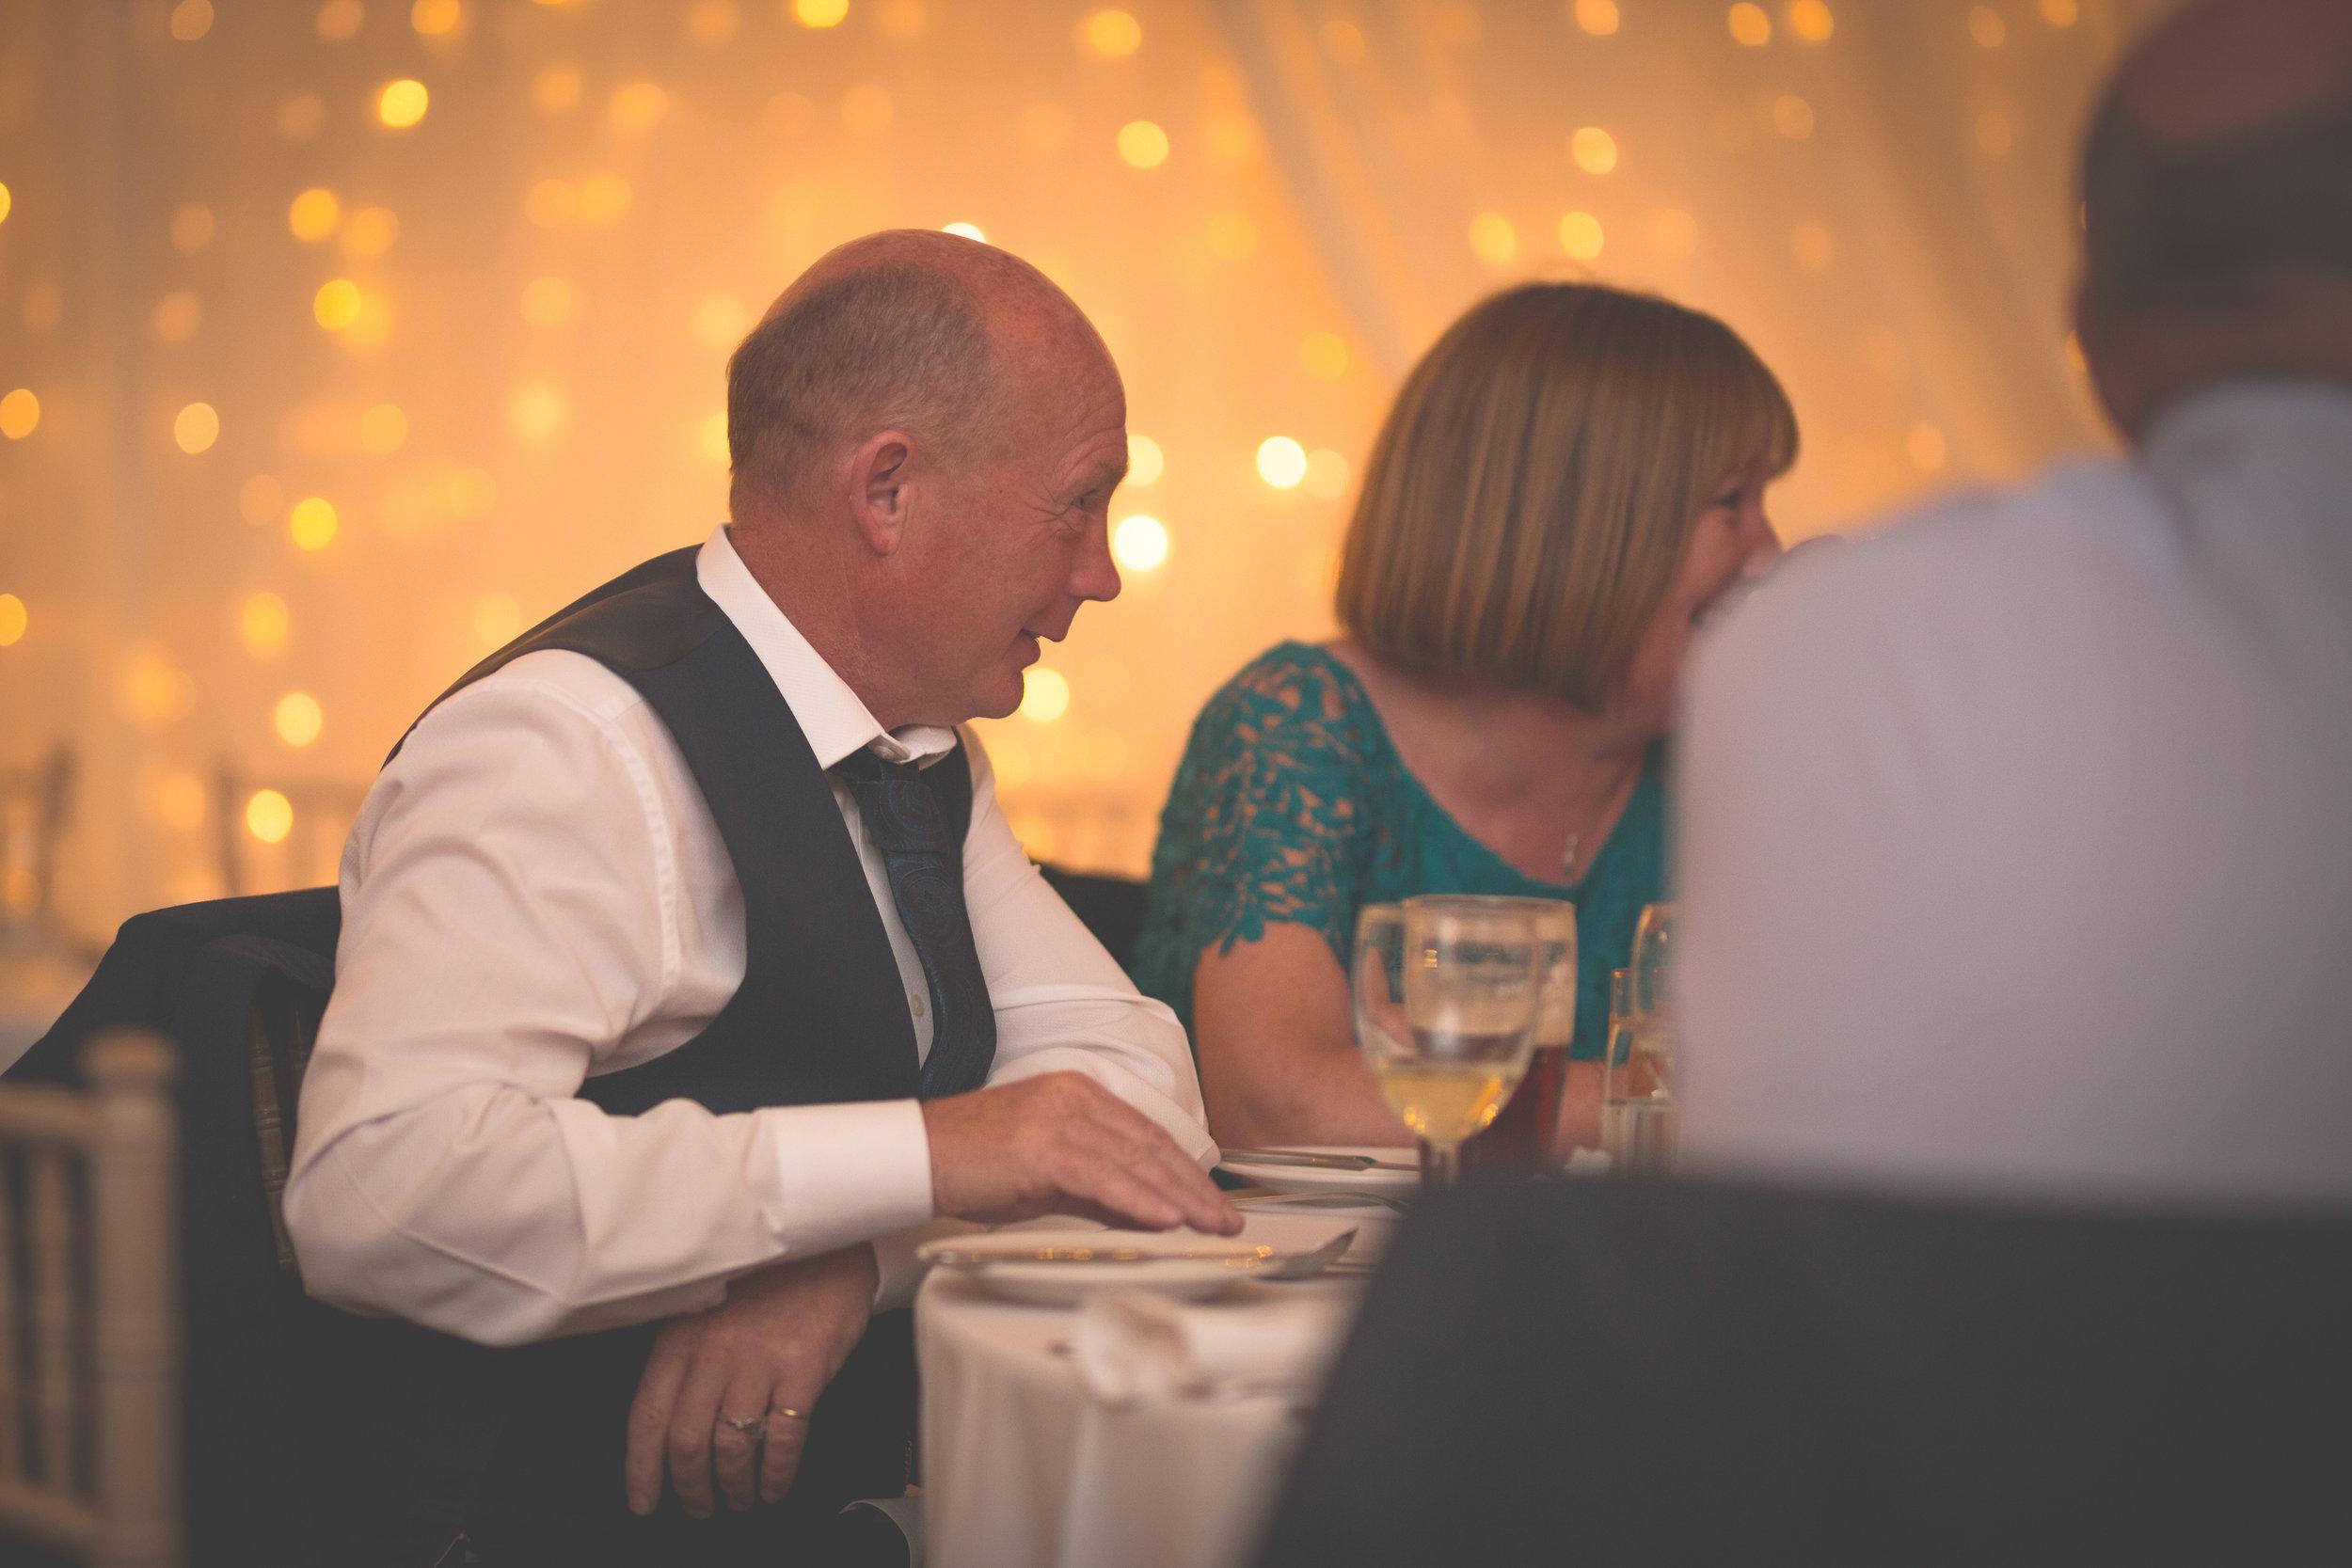 Brian McEwan Wedding Photography | Carol-Anne & Sean | The Speeches-22.jpg